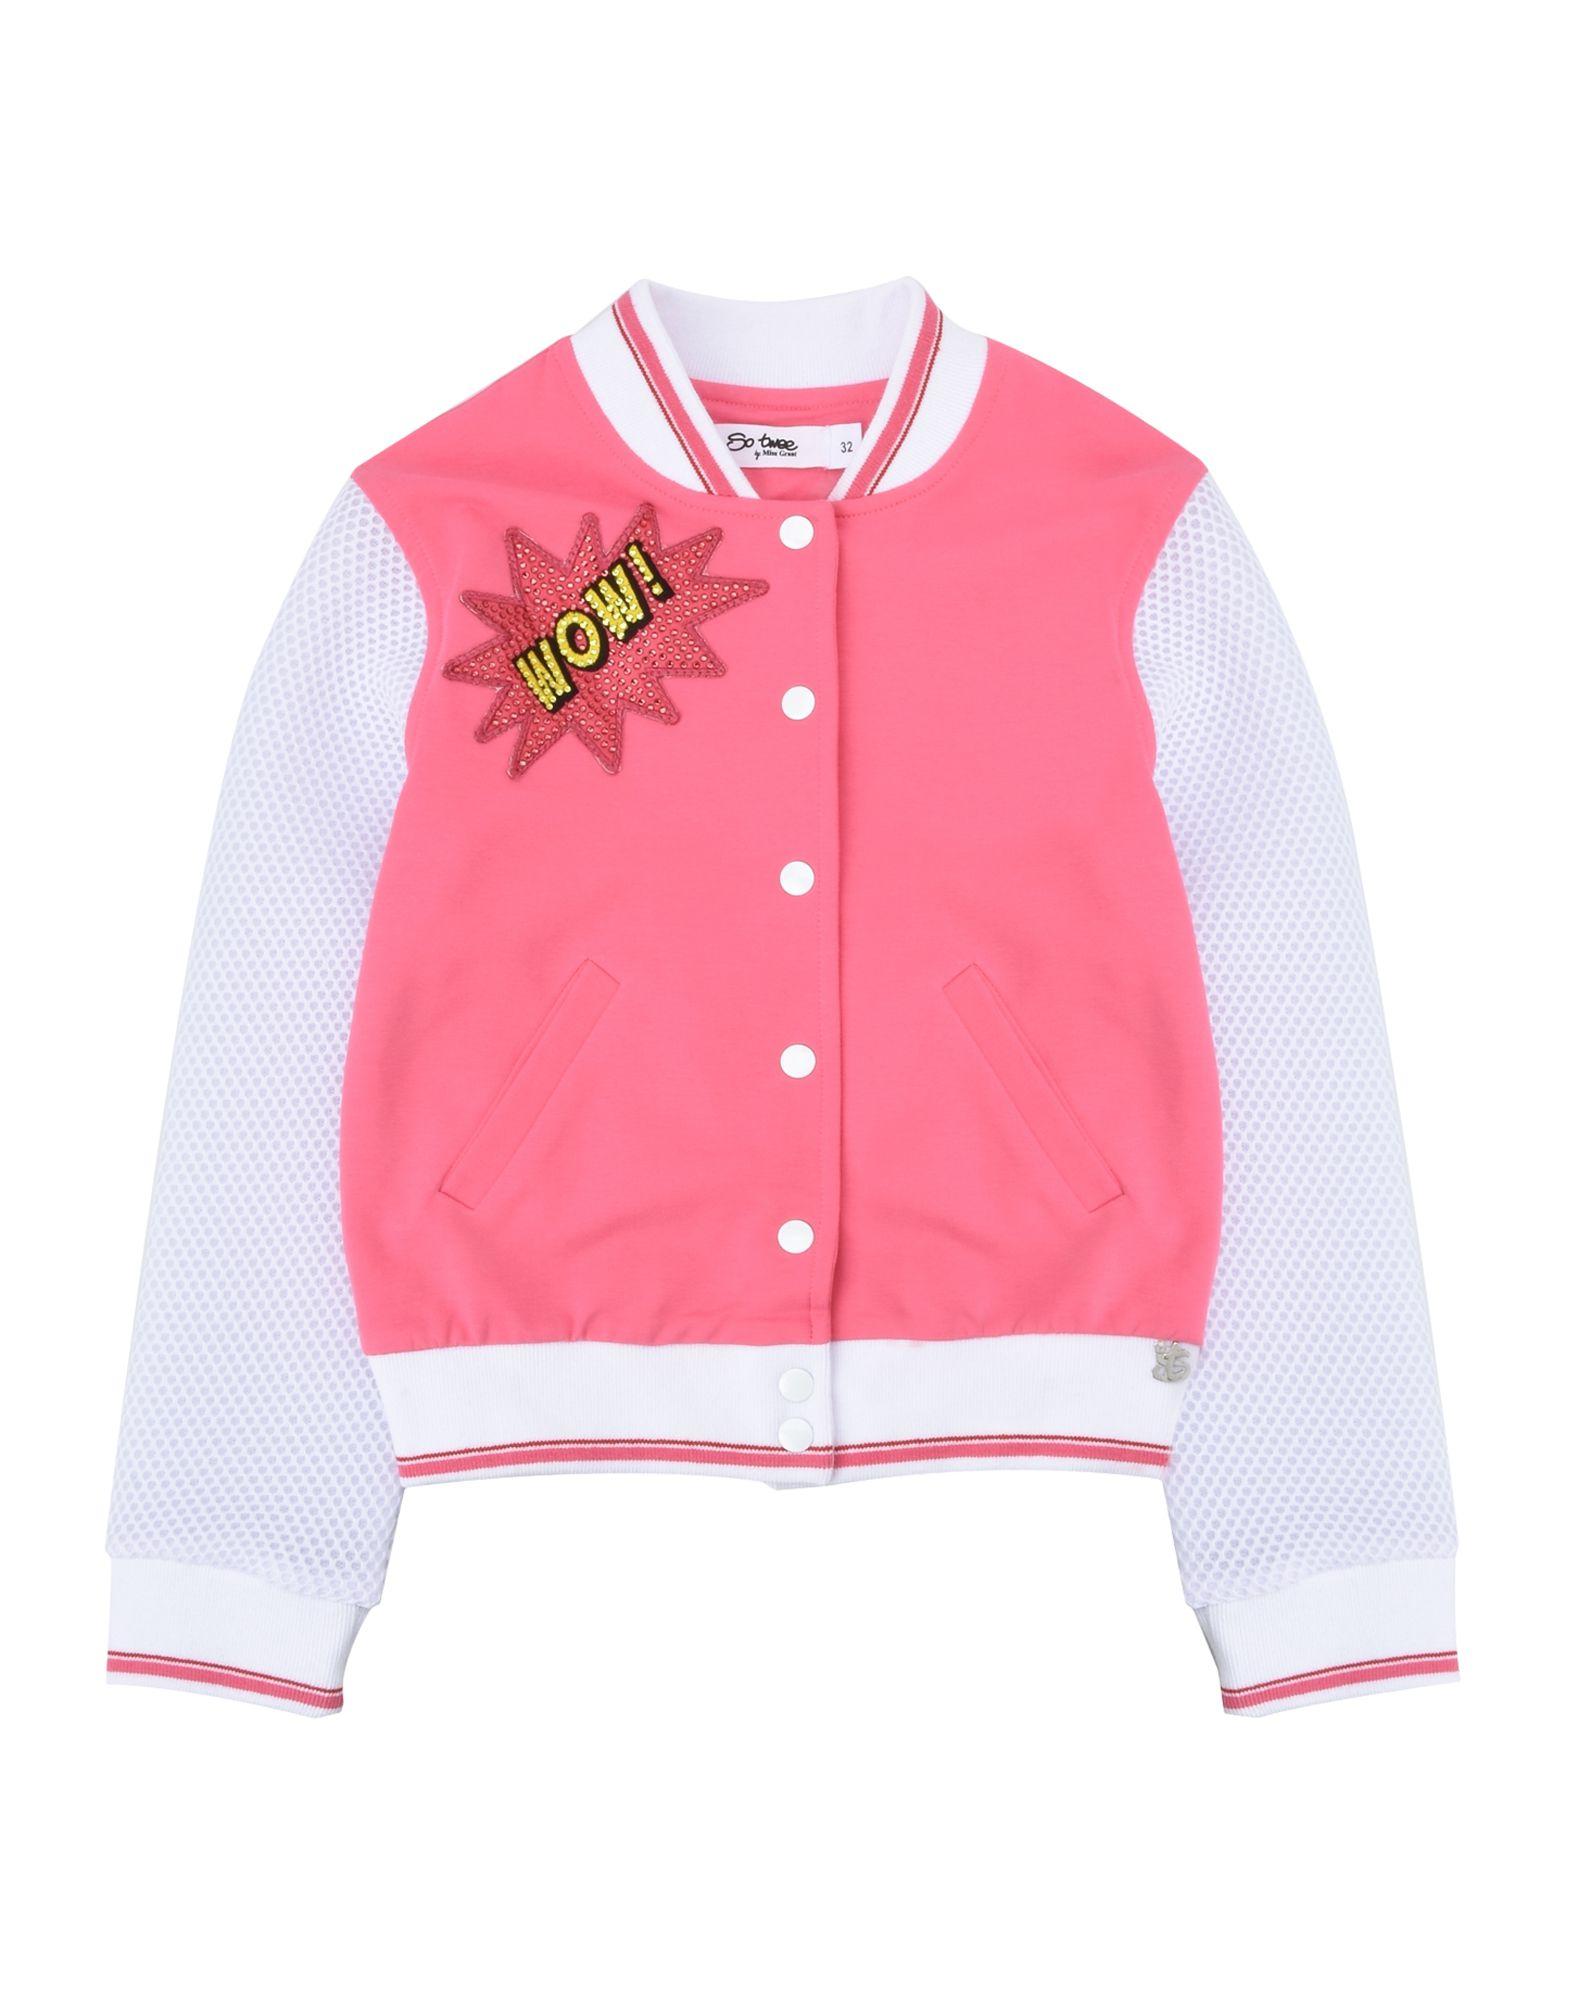 SO TWEE by MISS GRANT Sweatshirts